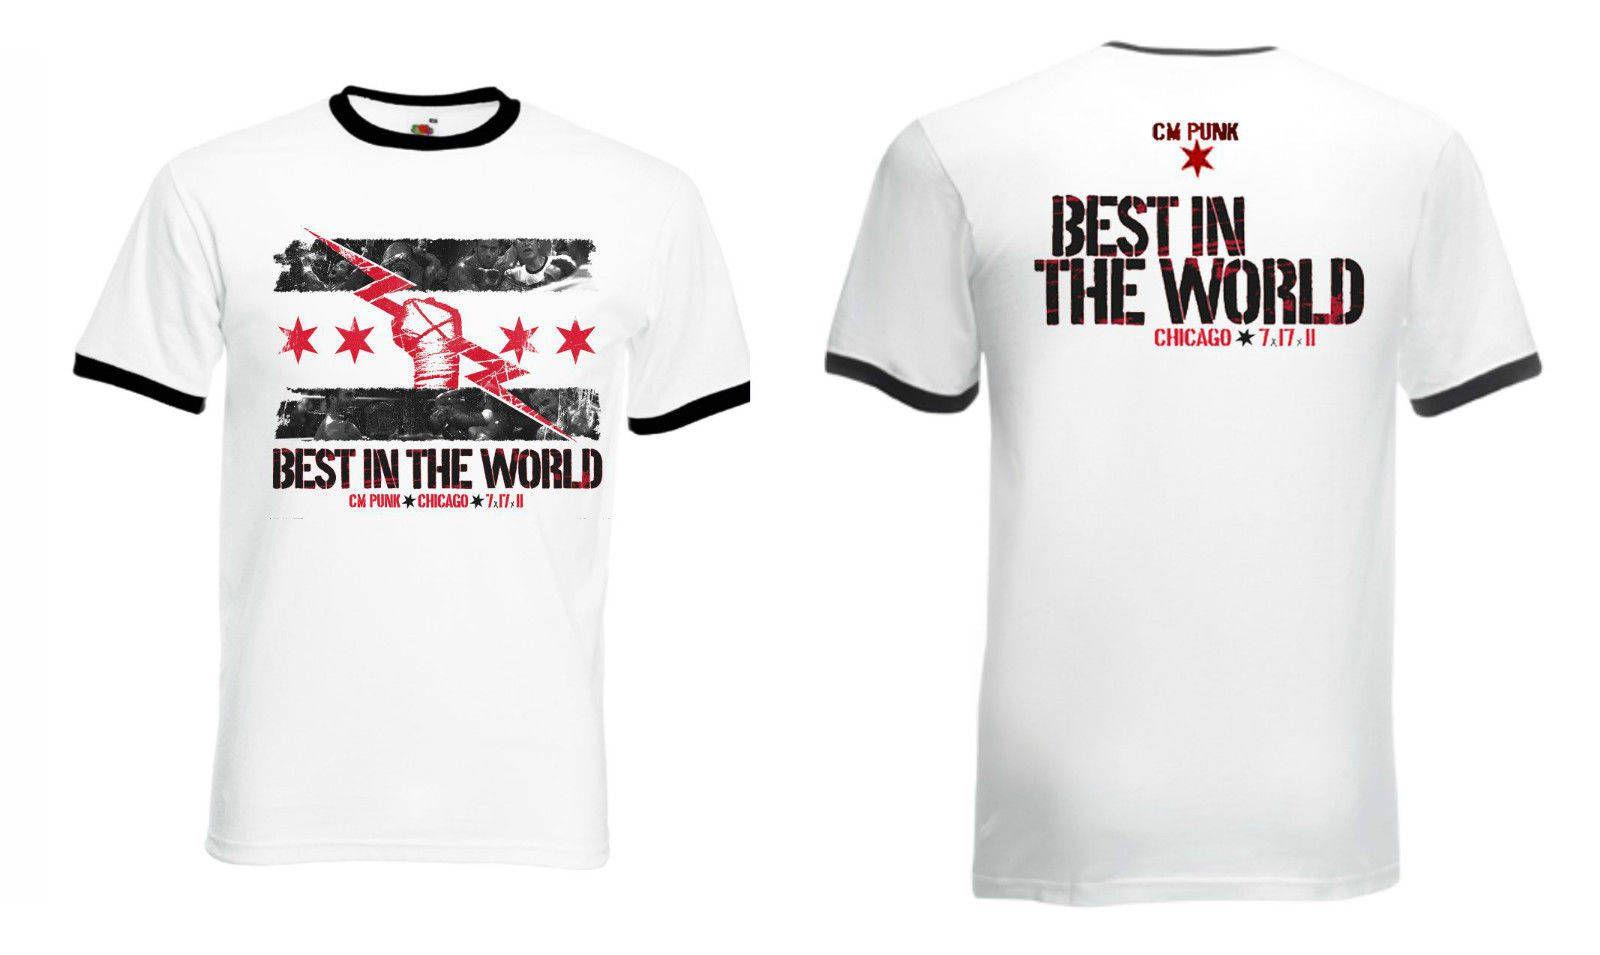 5e4e935c New WWE CM PUNK Best in The World T-Shirt White Ringer by BigBOSSTees on  Etsy